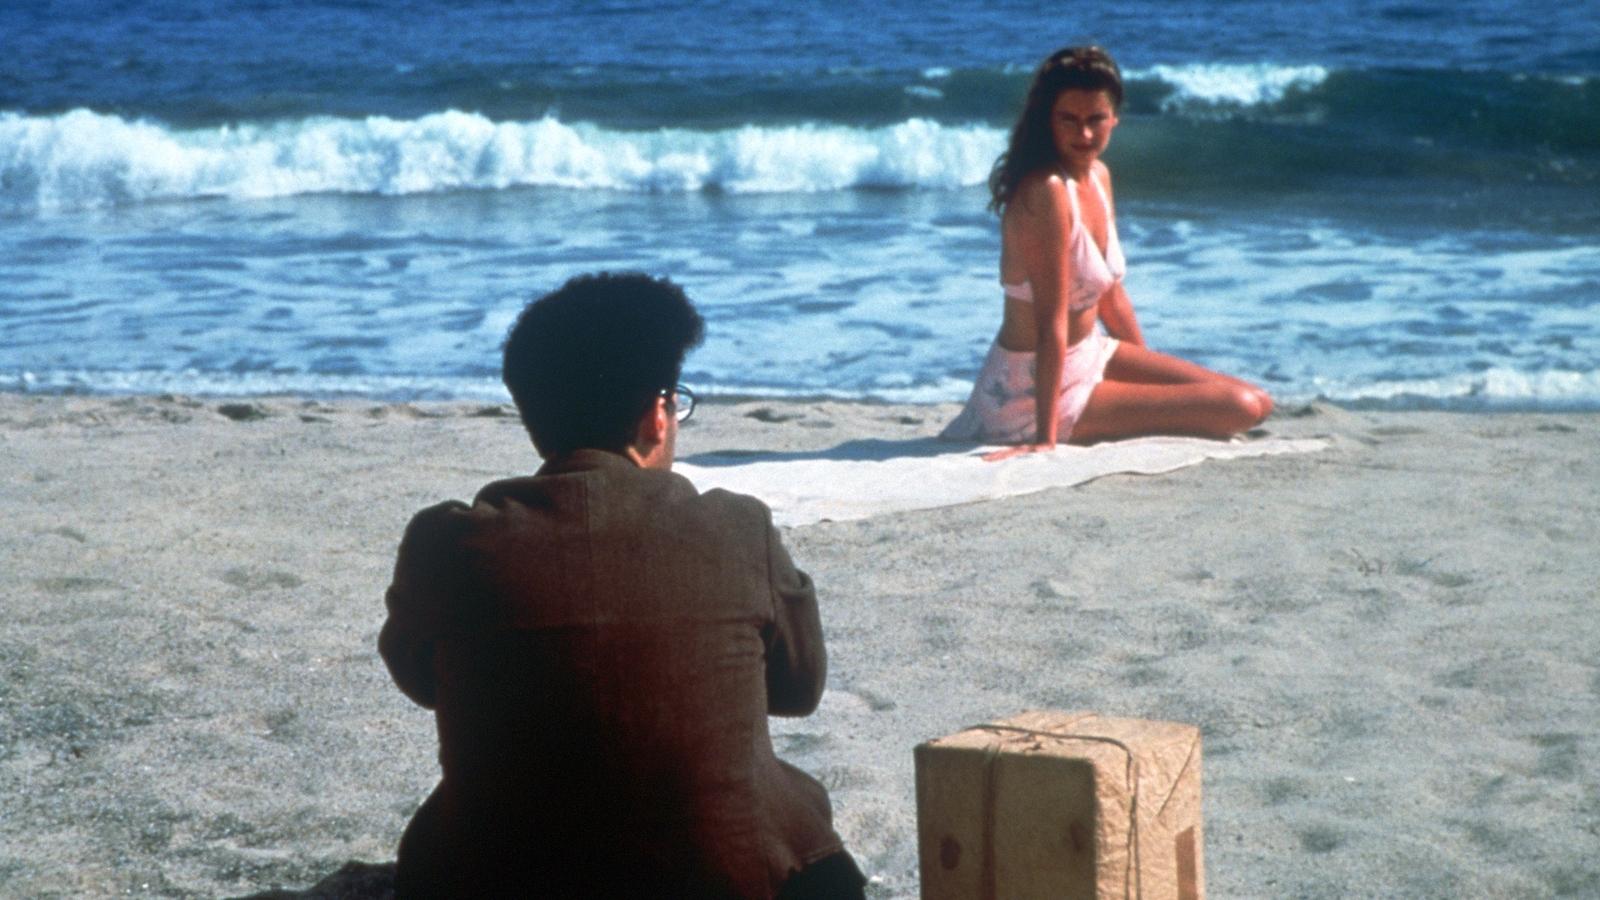 Un homme assis sur la plage, de dos, face à une jeune femme en maillot.